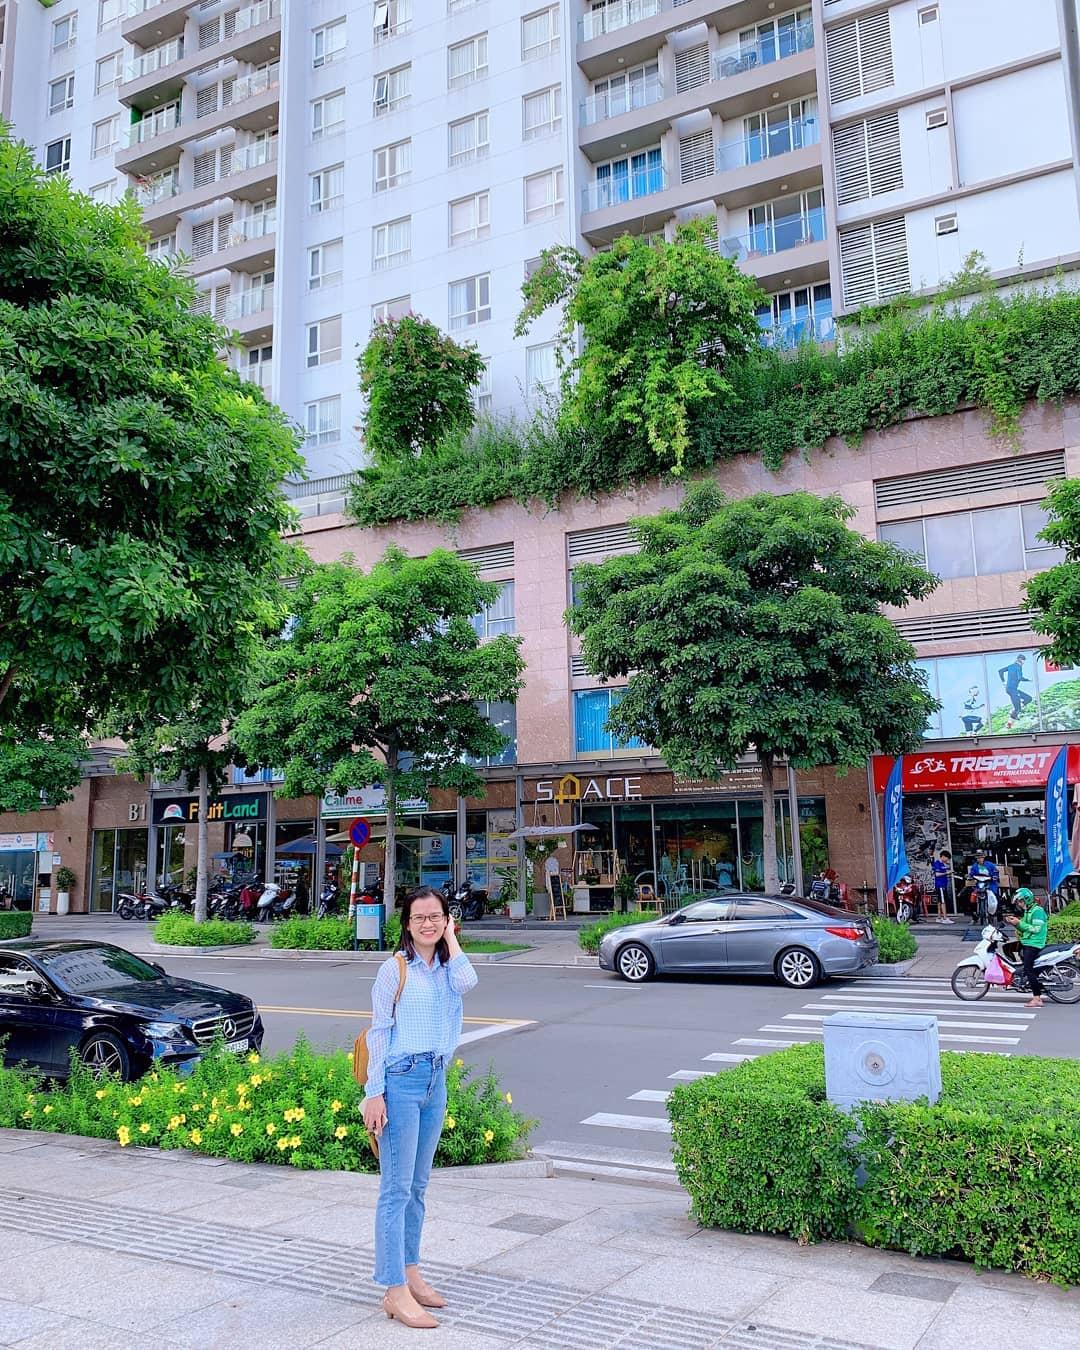 Trốn ồn ào, náo nhiệt nơi phố thị với 'Garden by the Bay' phiên bản Sài Gòn - Ảnh 3.